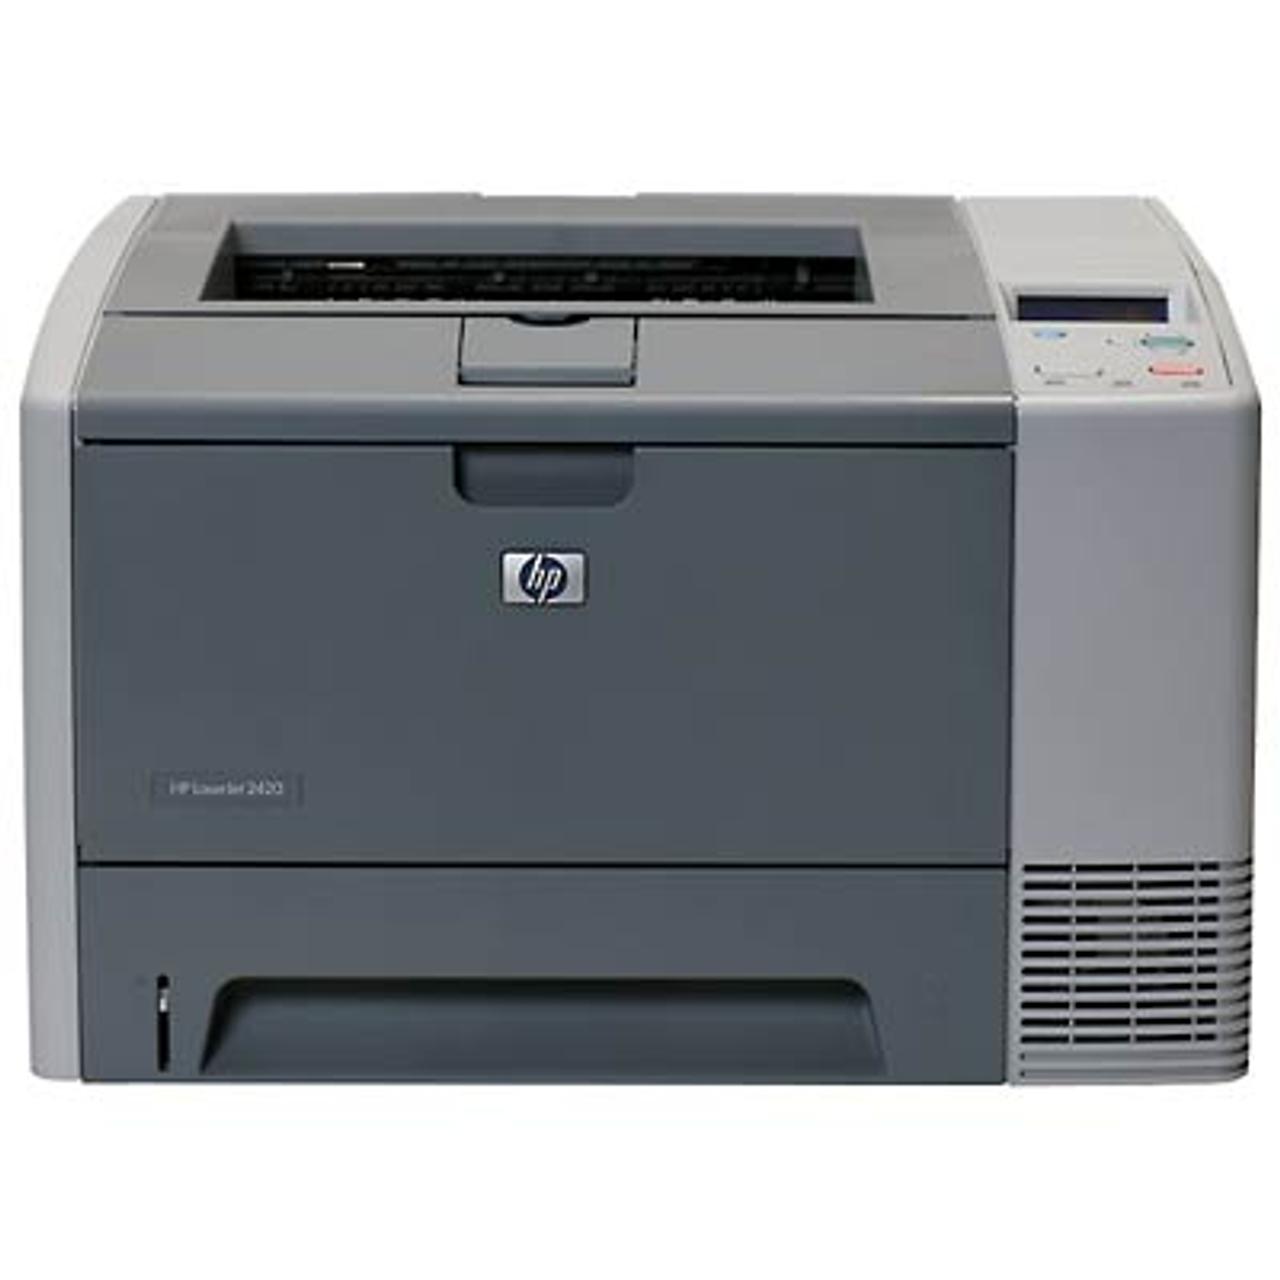 HP LASERJET 2420DN - Q5959A - HP Laser Printer for sale